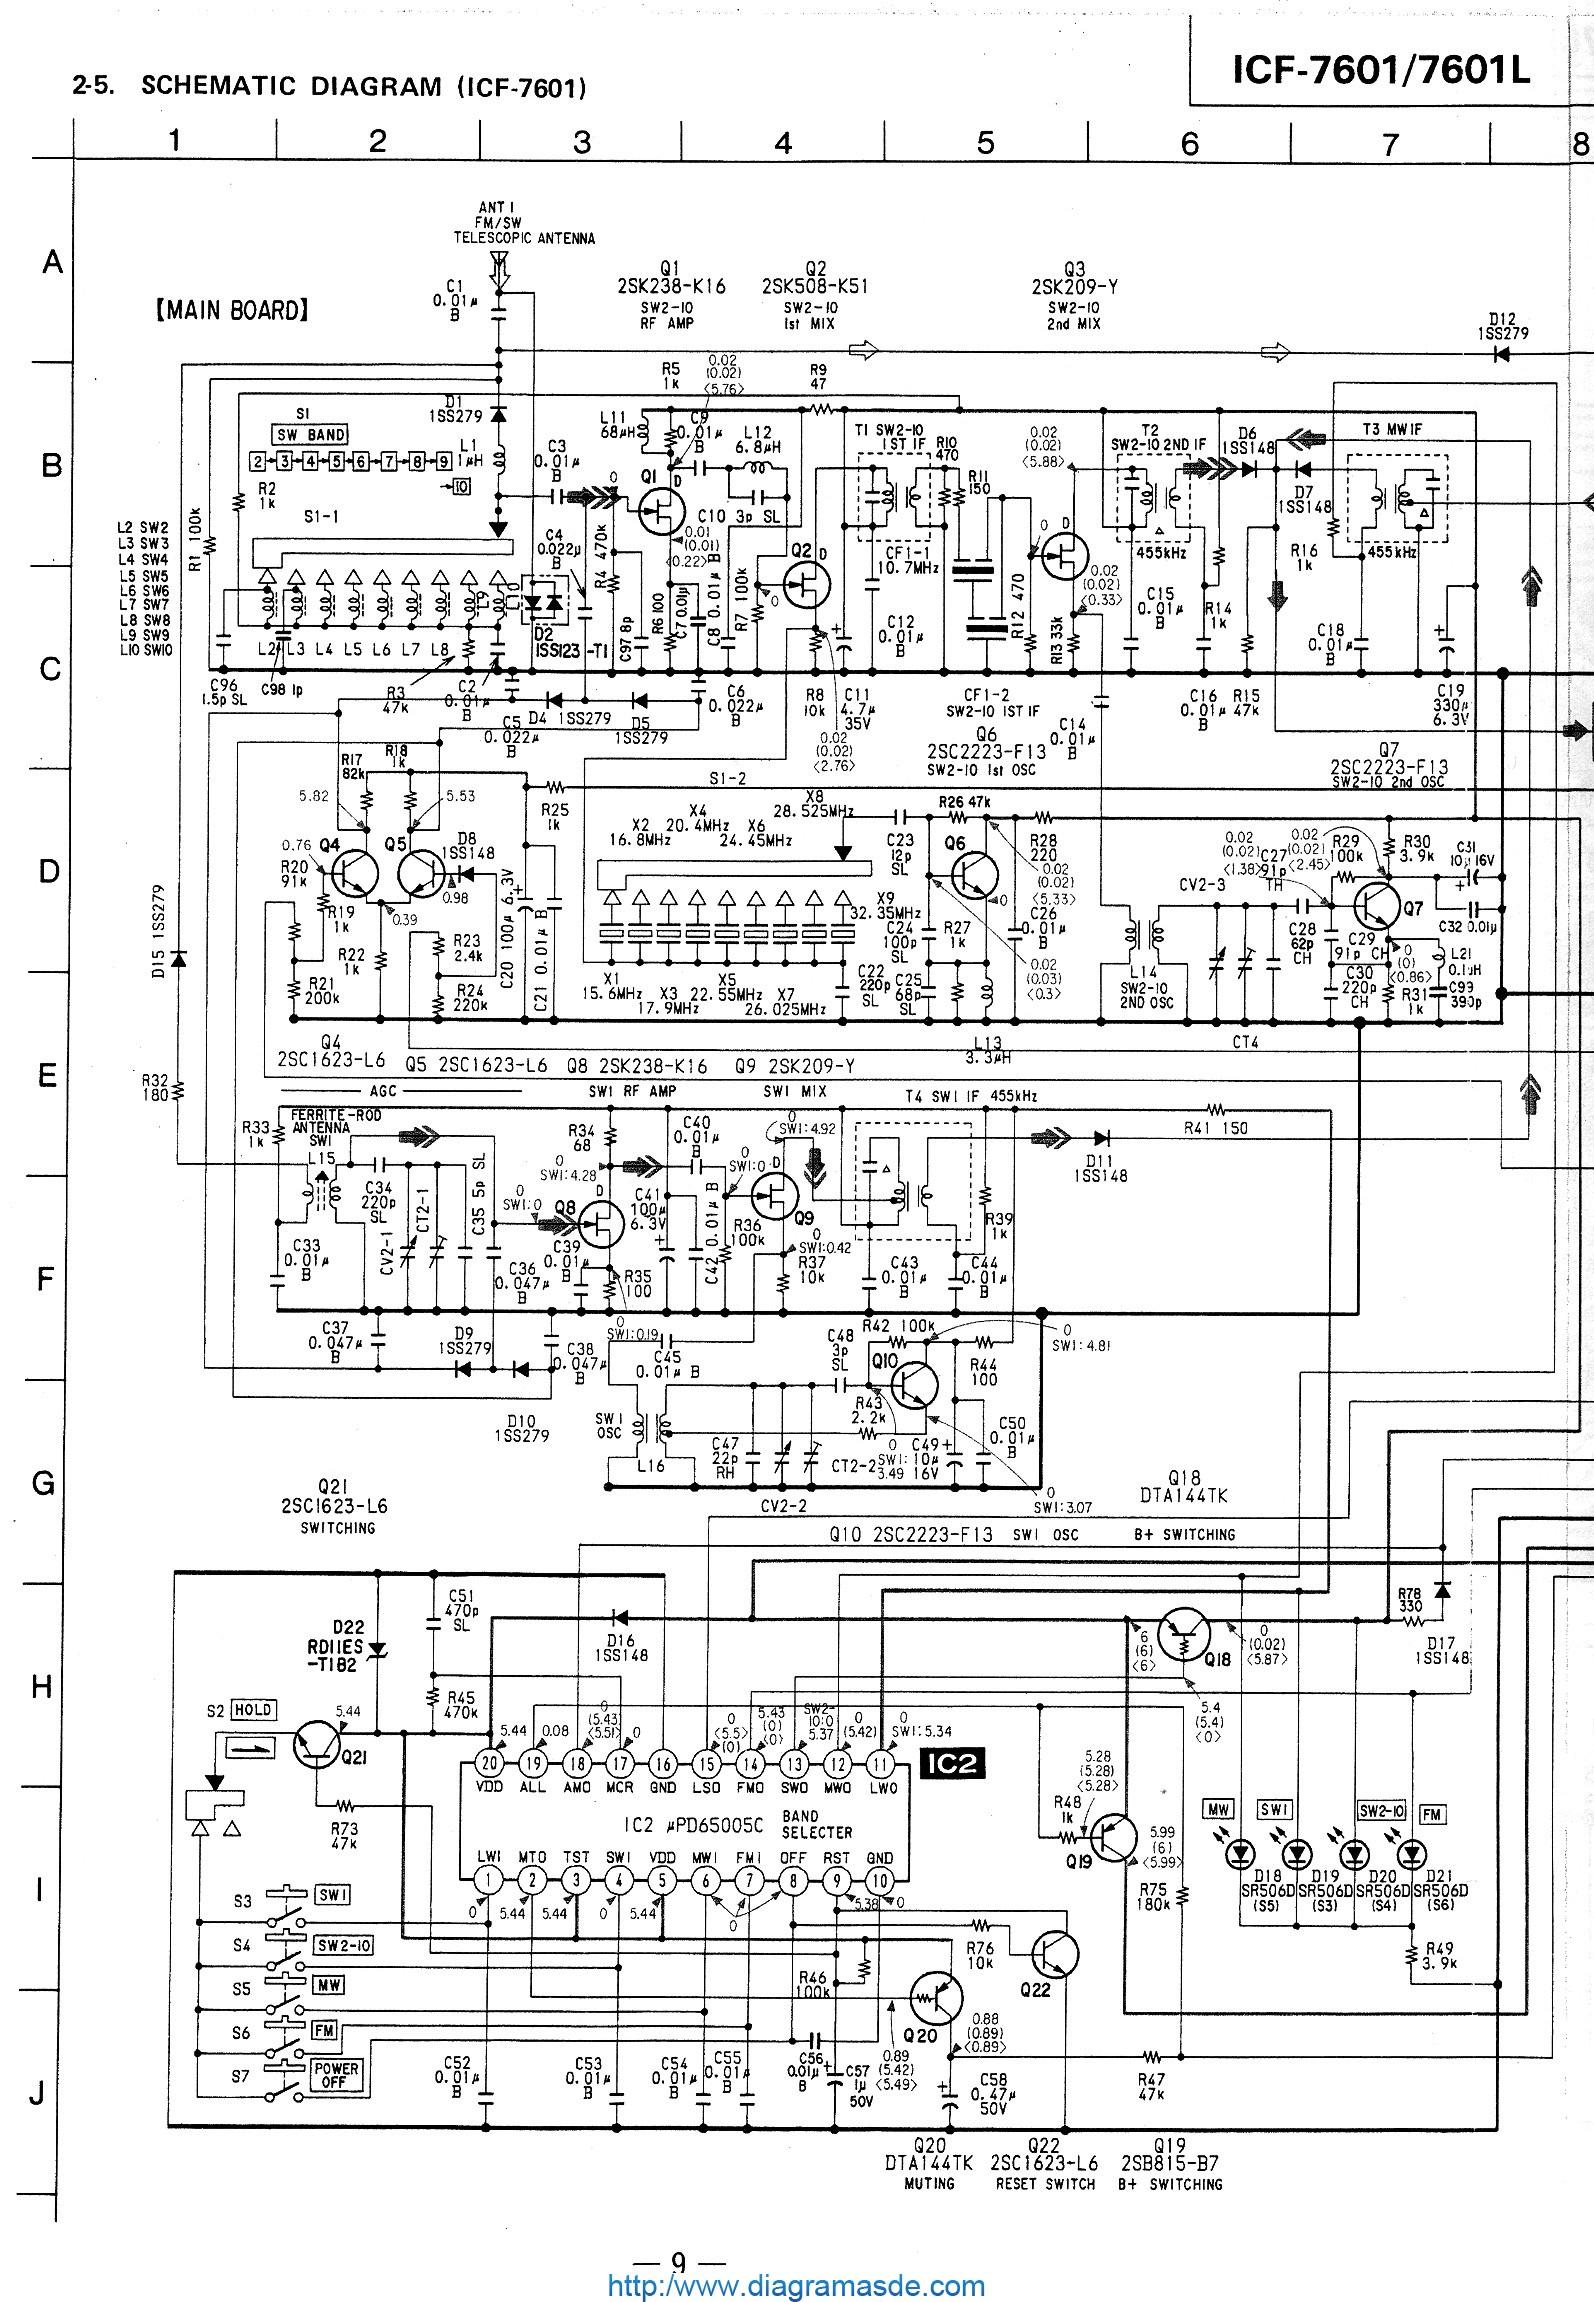 ICF 7601 Schematic pdf ICF 7601 Schematic pdf